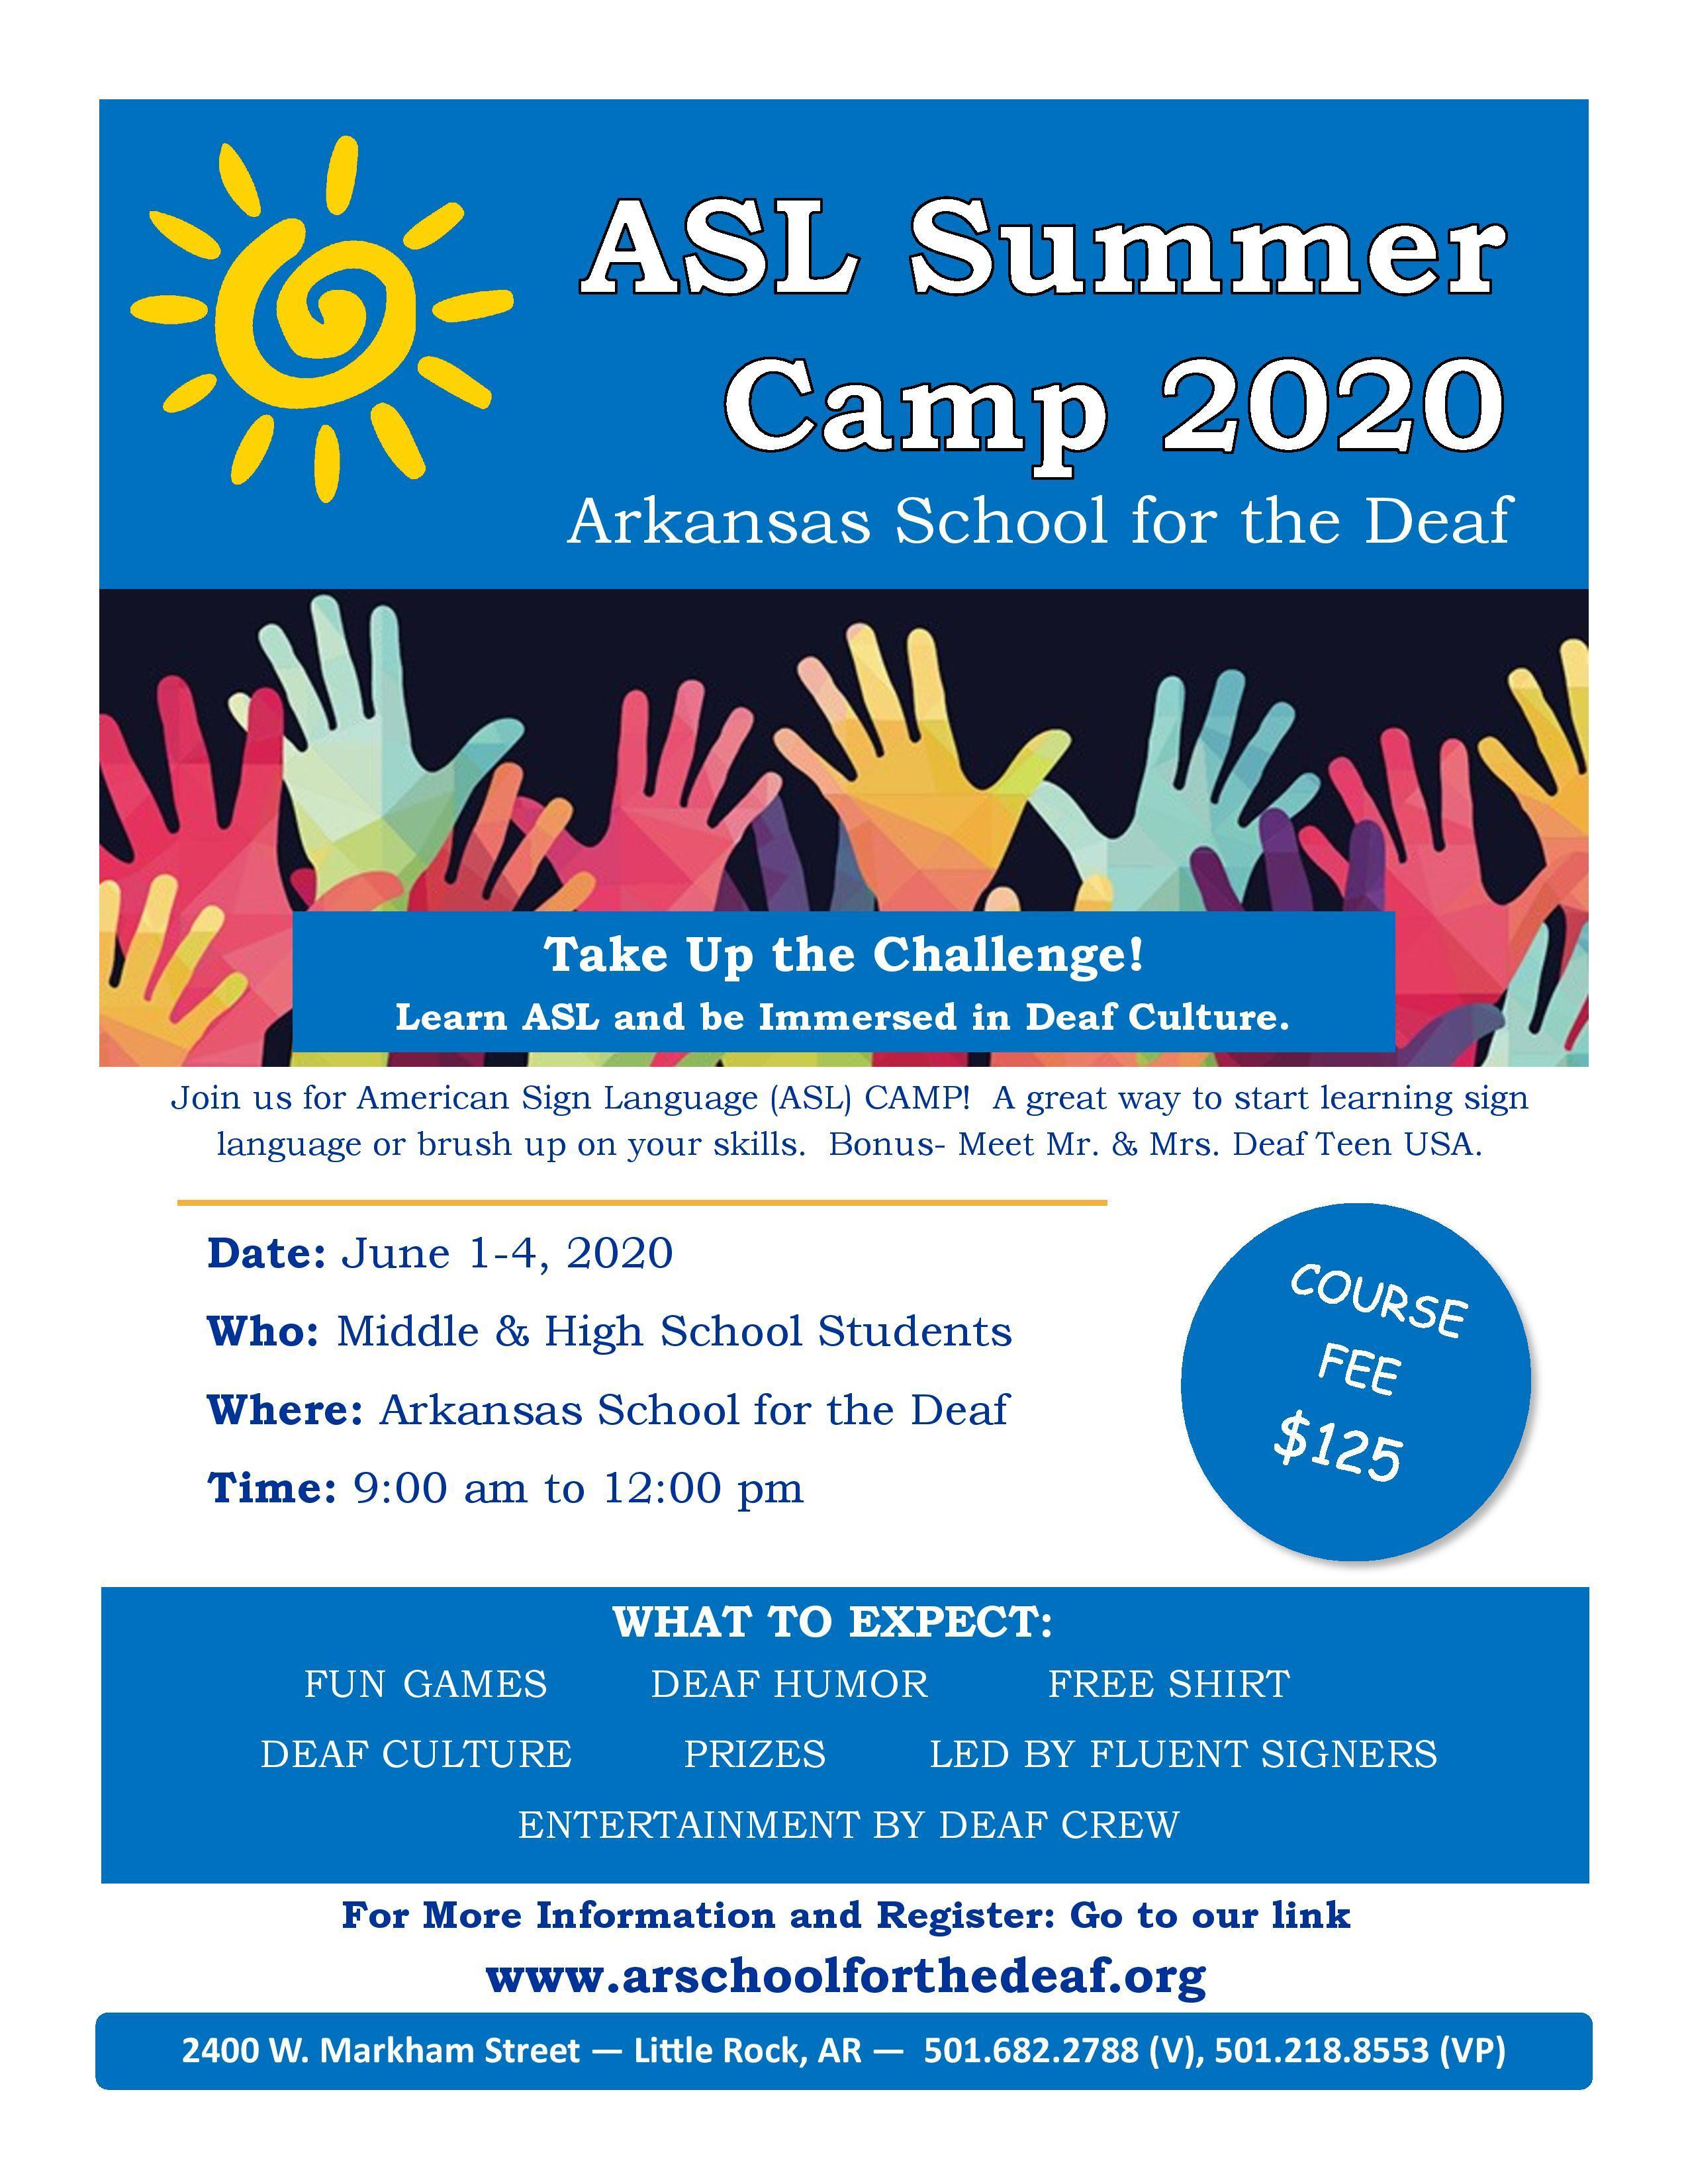 ASL Camp 2020 Flyer